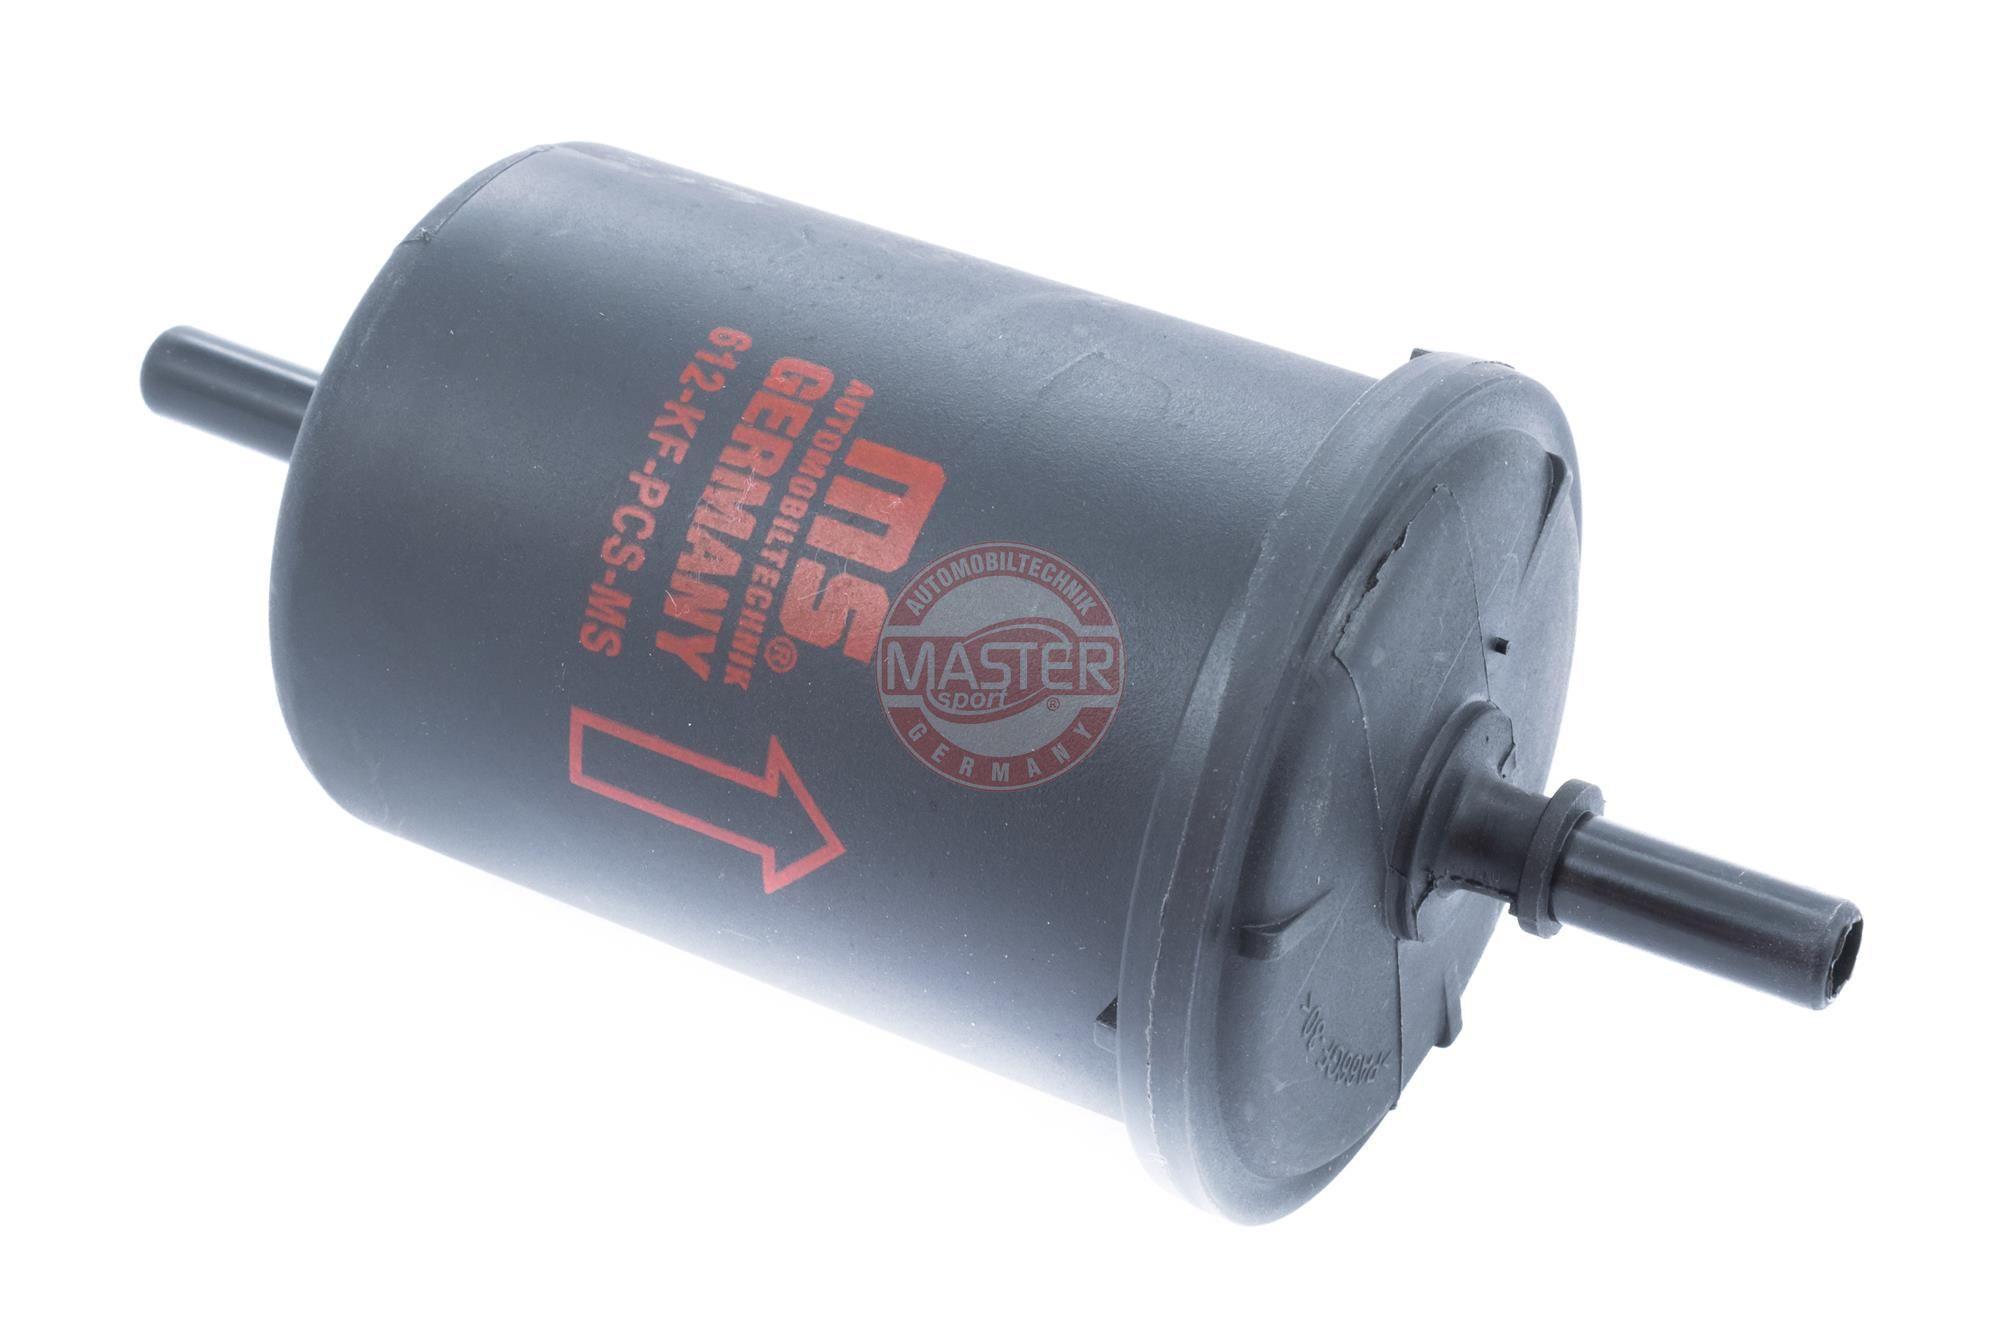 Kraftstofffilter MASTER-SPORT 430006120 4250083958415